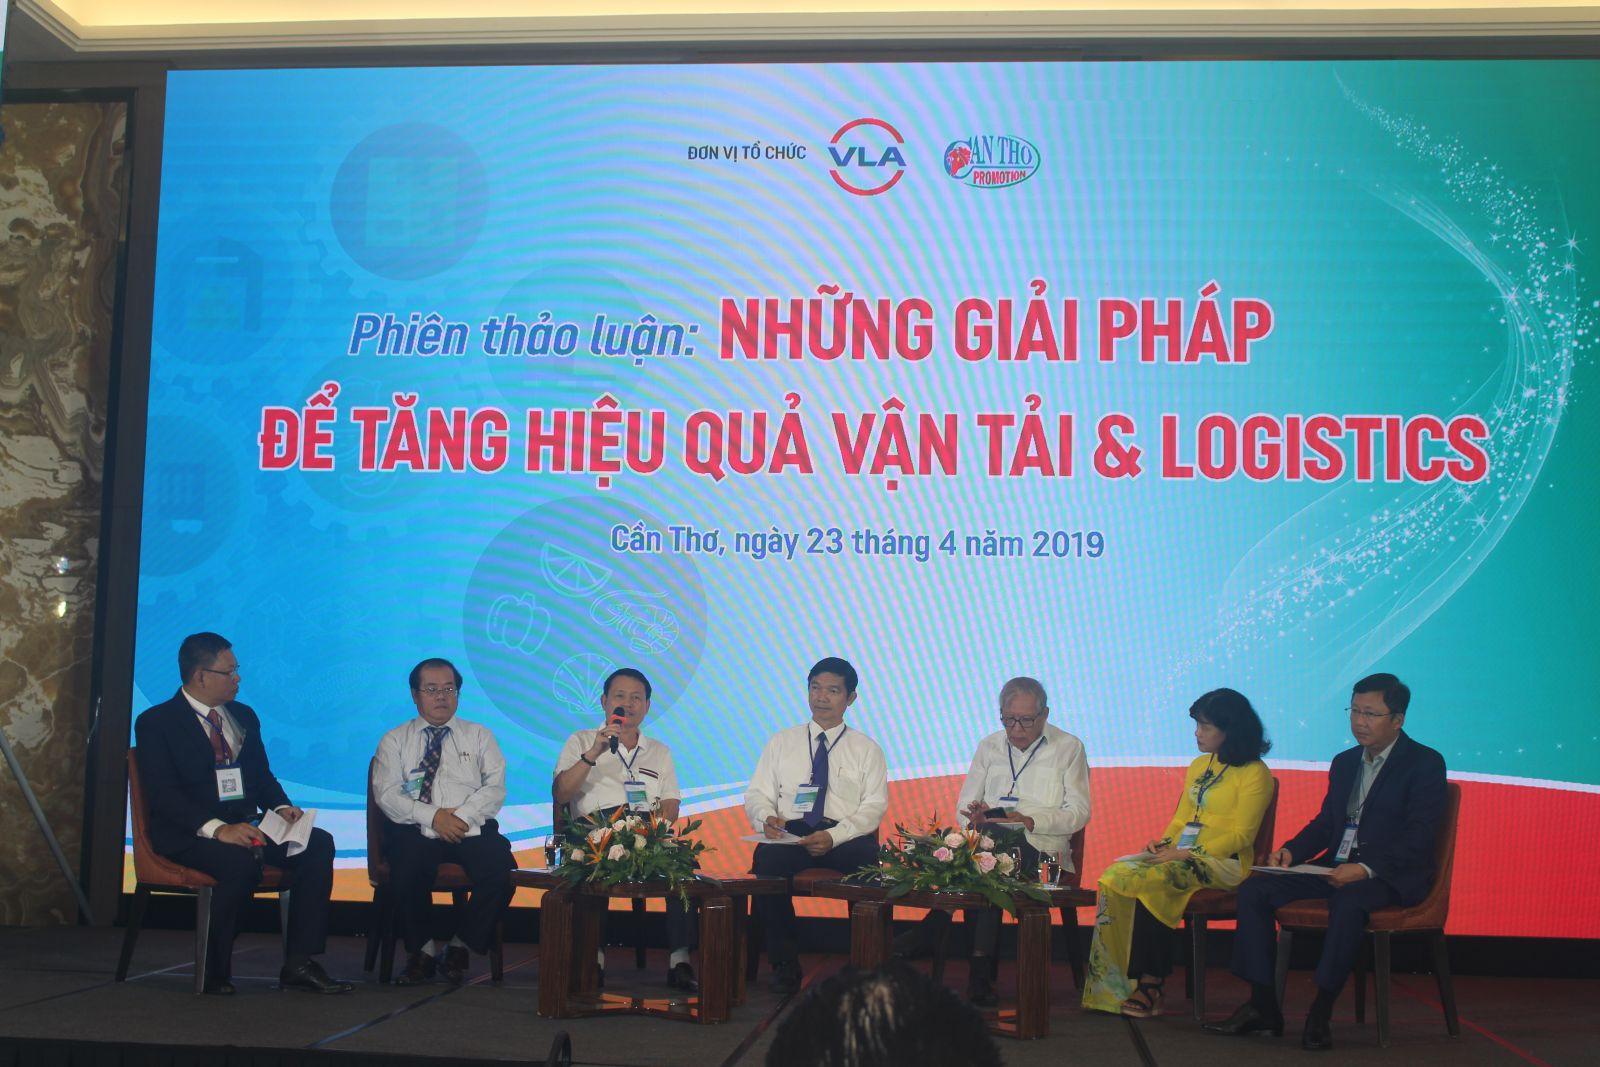 Các diễn giả trình bày về những giải pháp tăng hiệu quả vận tải và logistics tại phiên thảo luận. Ảnh: MINH HUYỀN